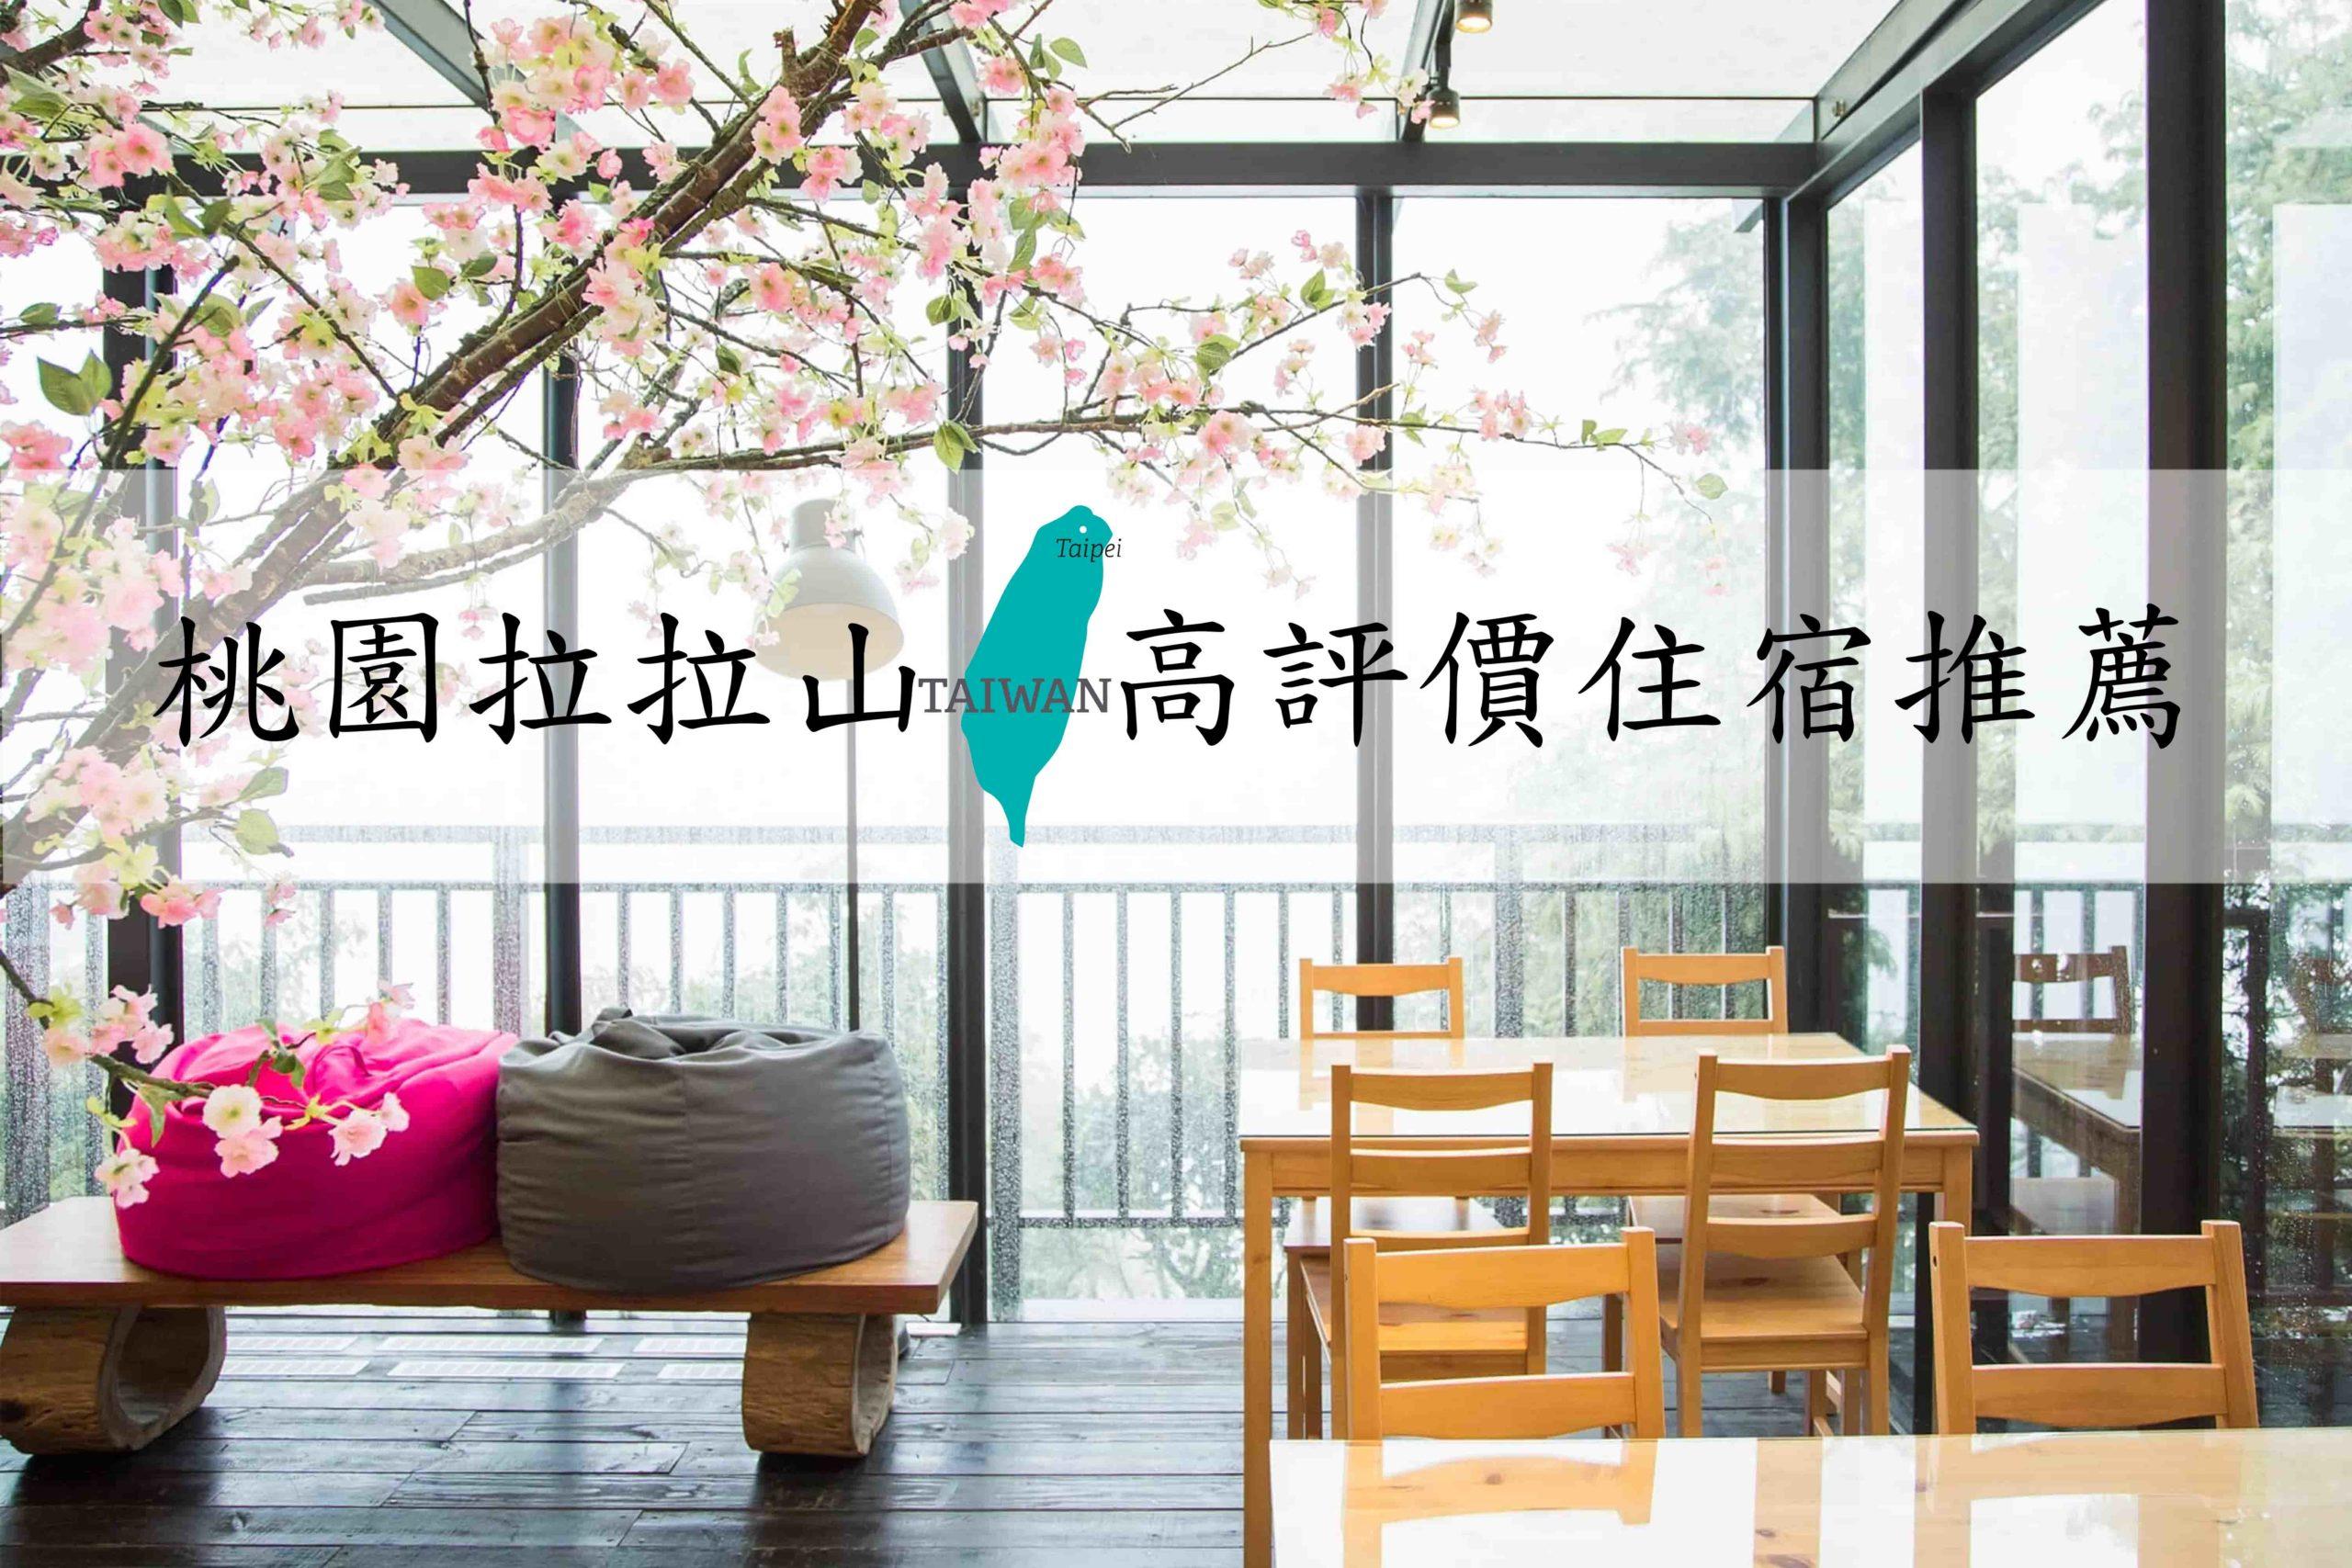 『拉拉山住宿推薦』2020網友評價九大超高CP值的民宿飯店